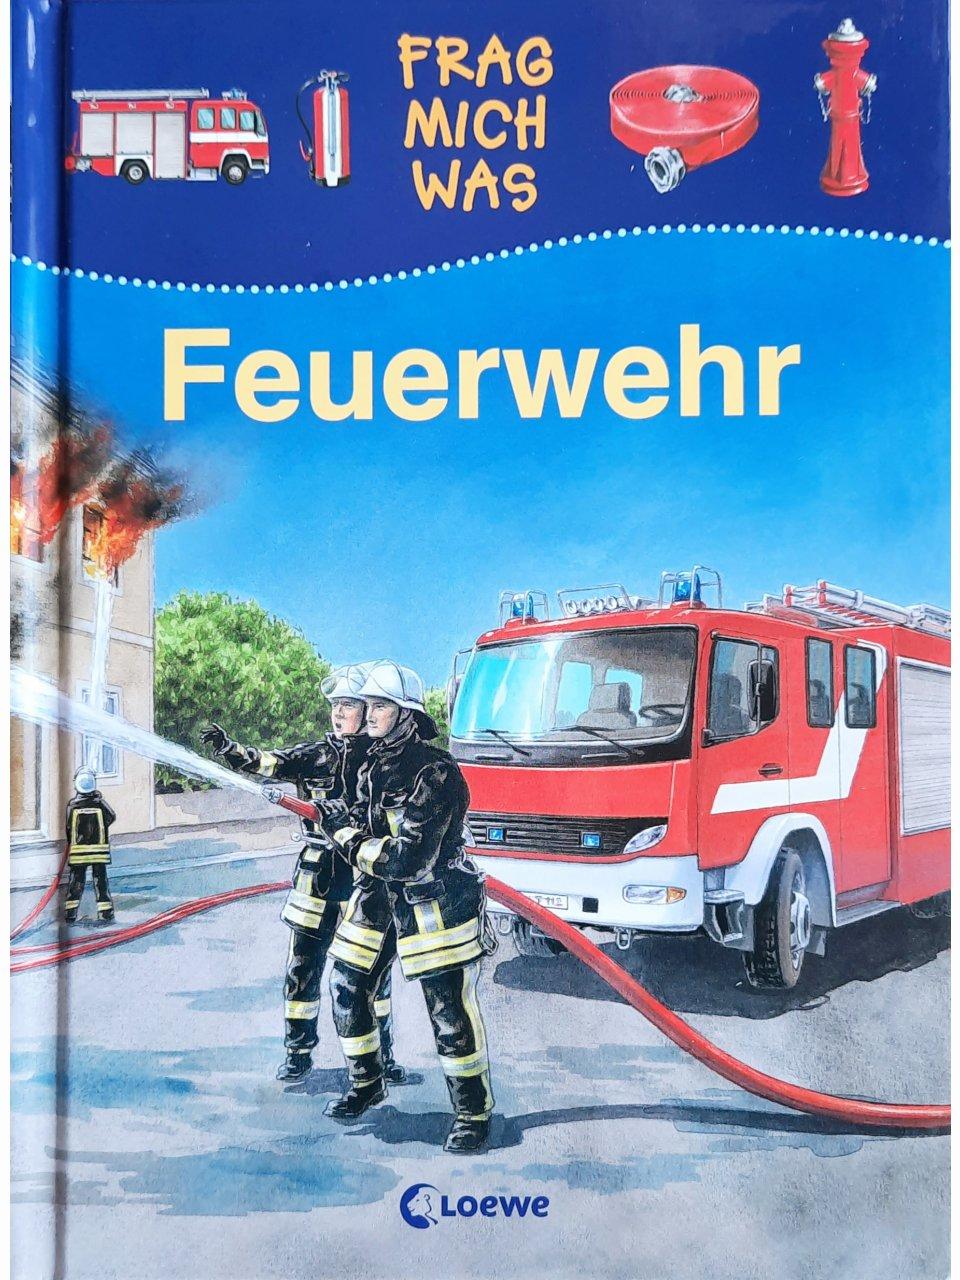 Frag mich was - Feuerwehr